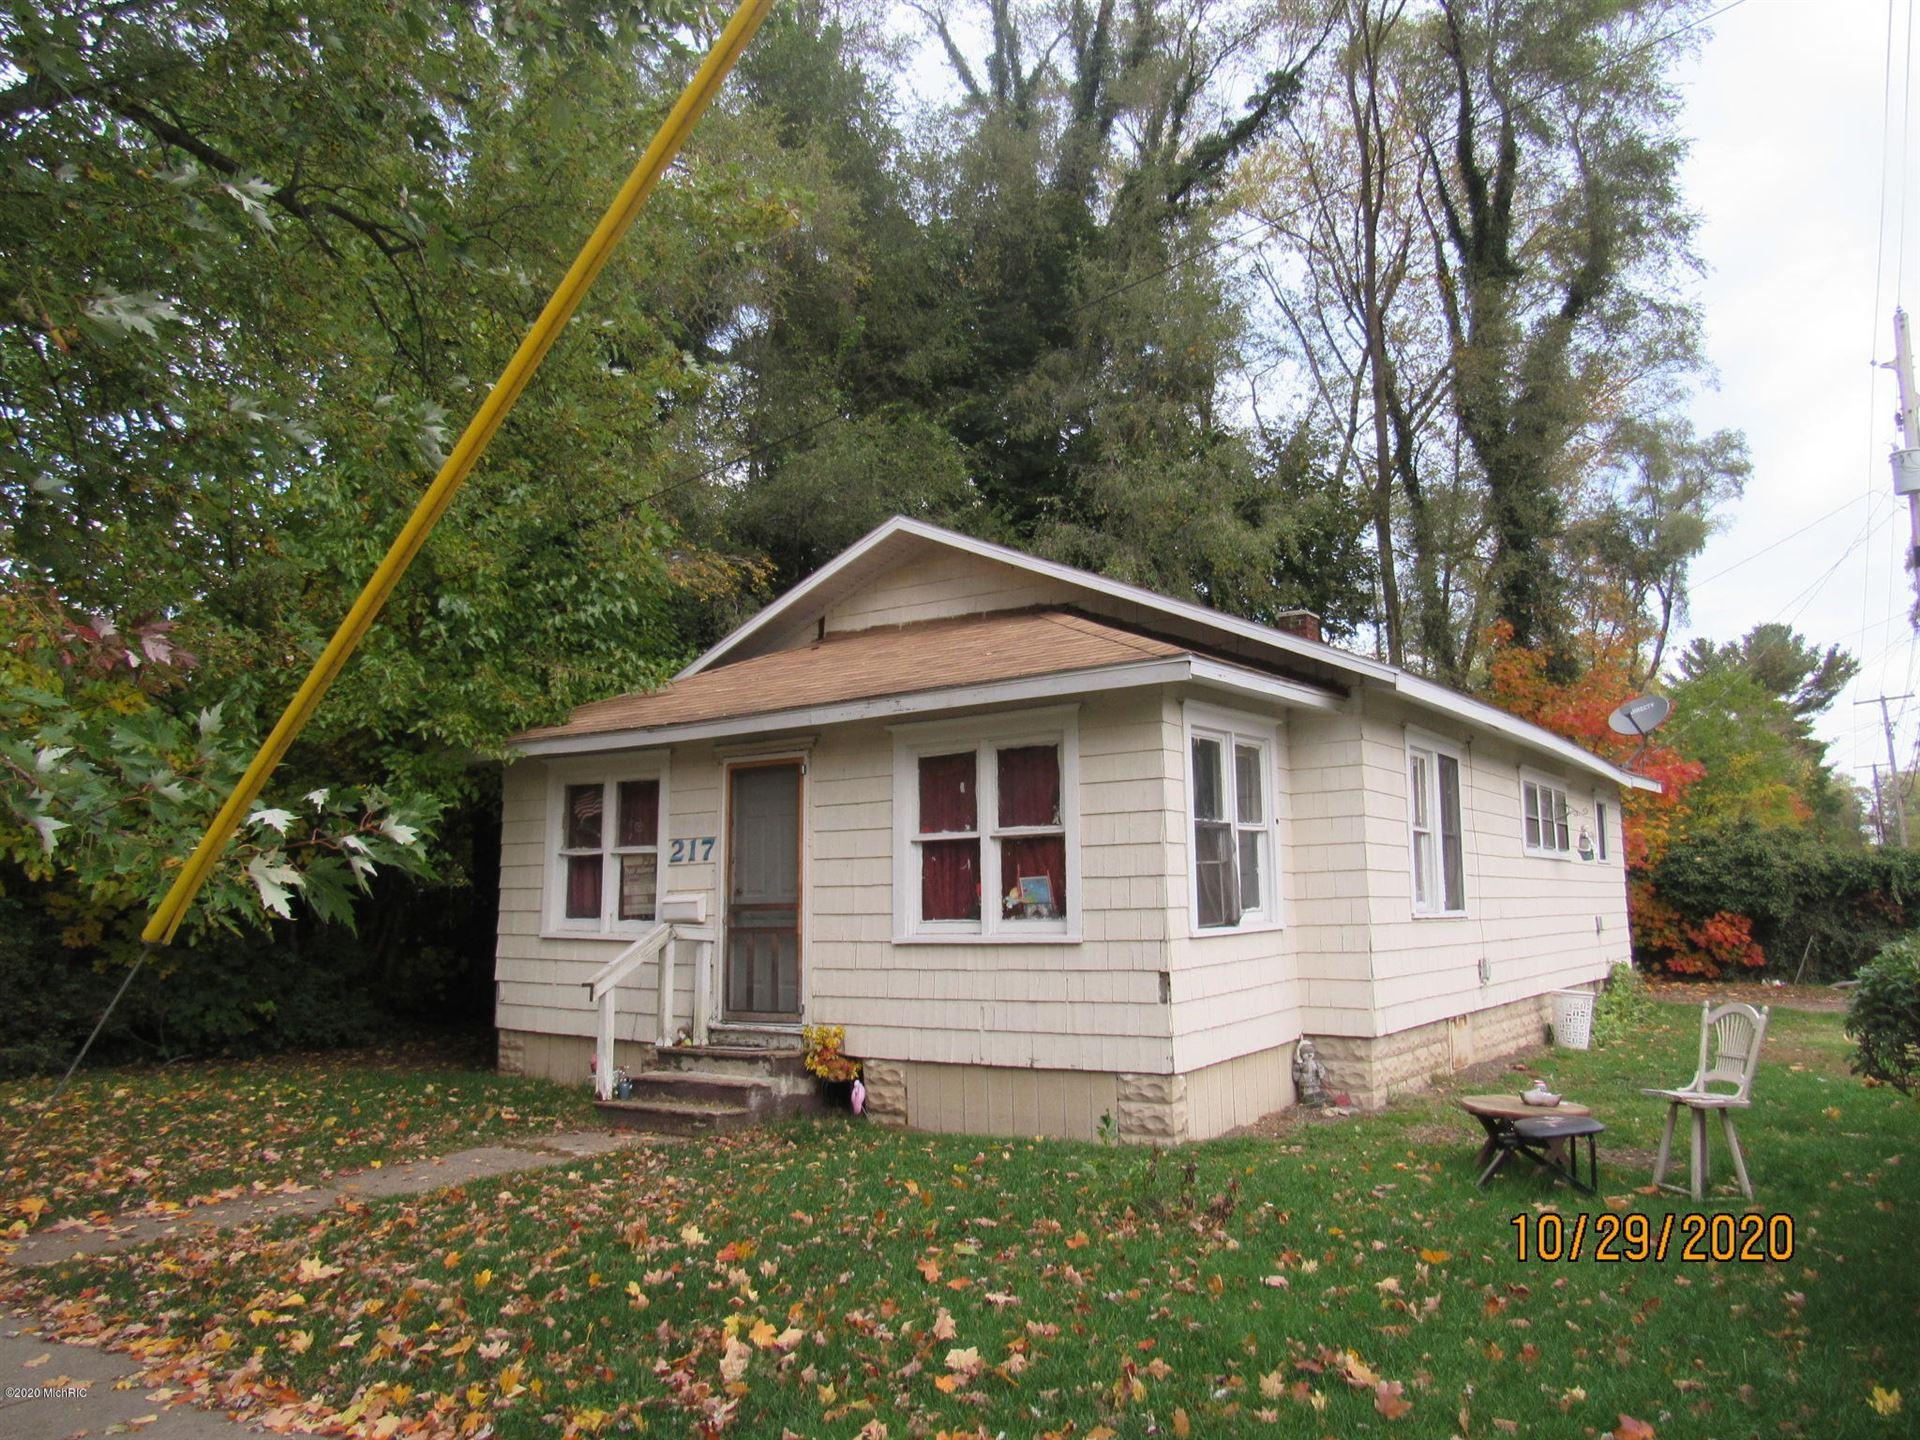 217 Cross Street, Benton Harbor, MI 49022 - MLS#: 20047350